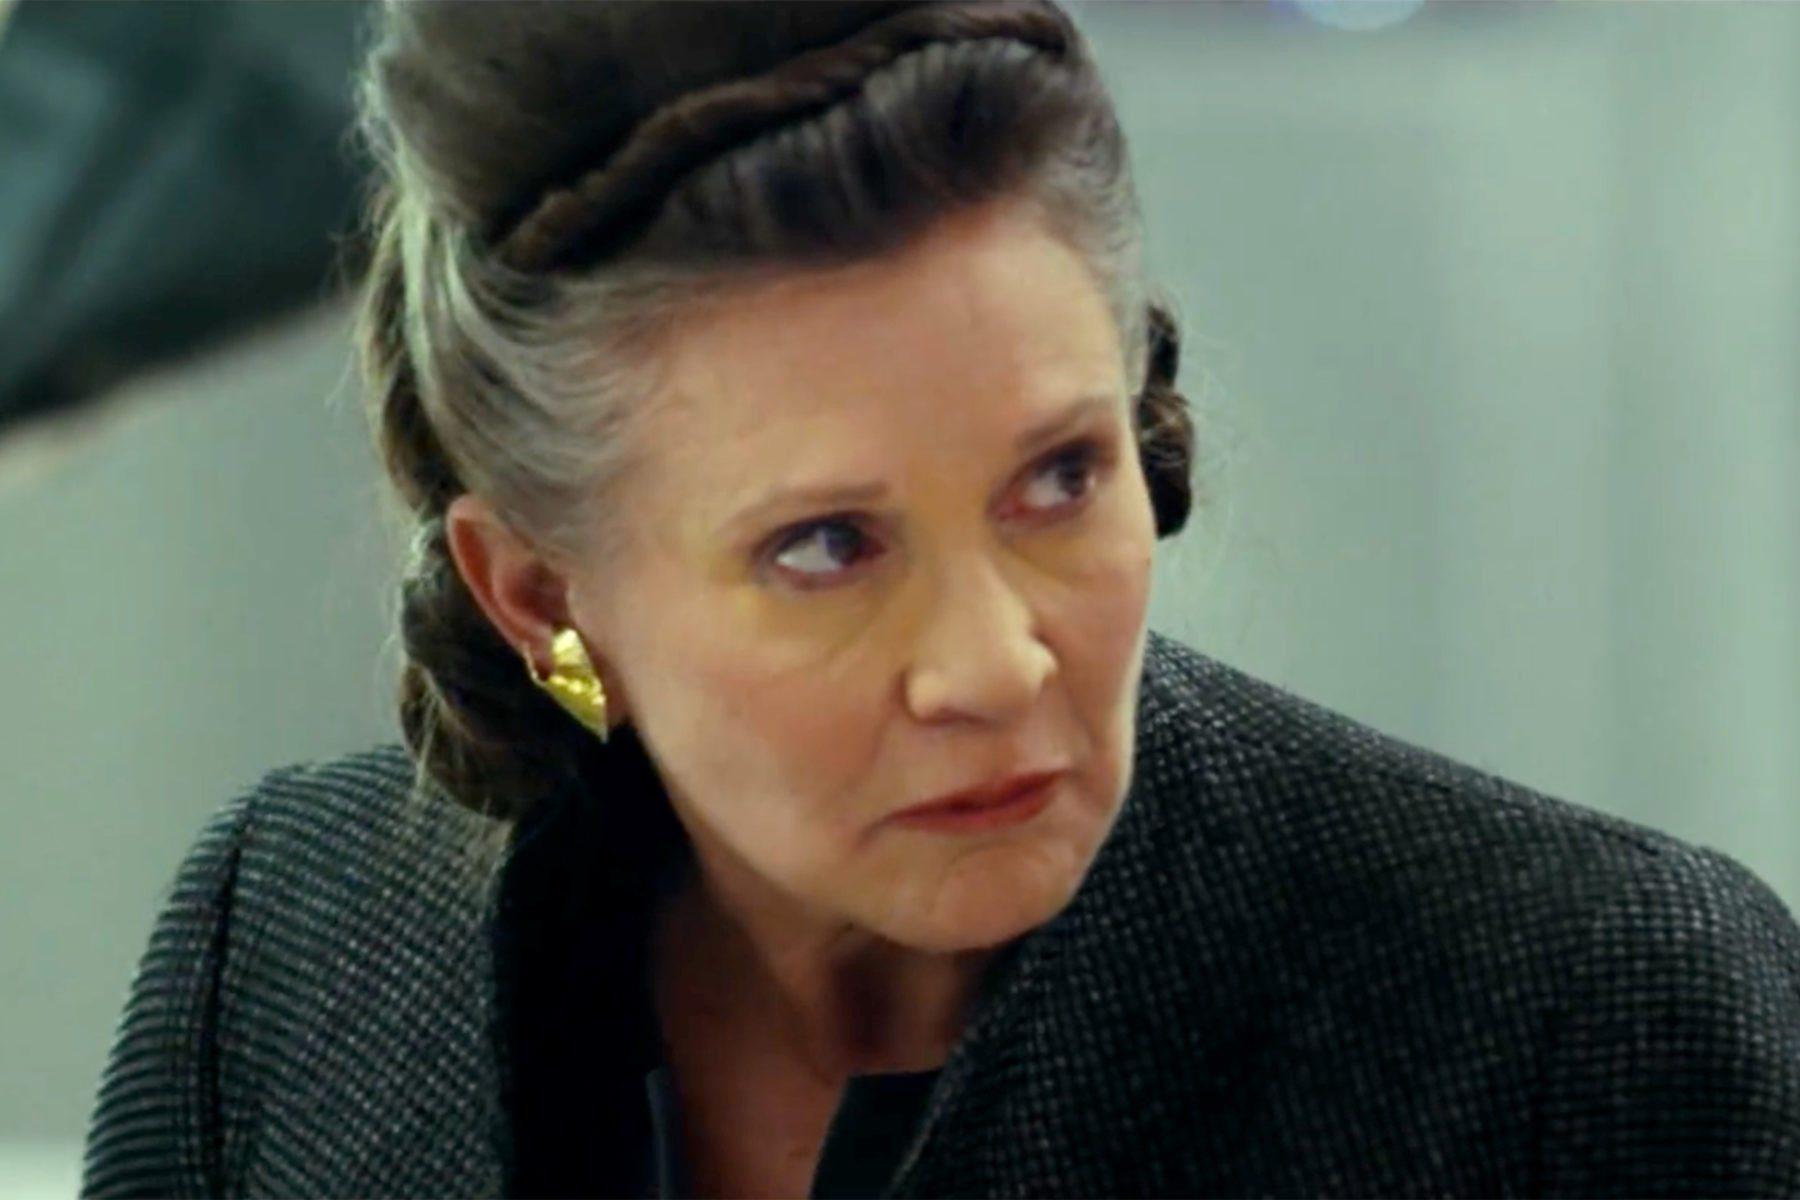 El hermano de Carrie Fisher comenta sobre su inclusión en Star Wars: Episodio IX